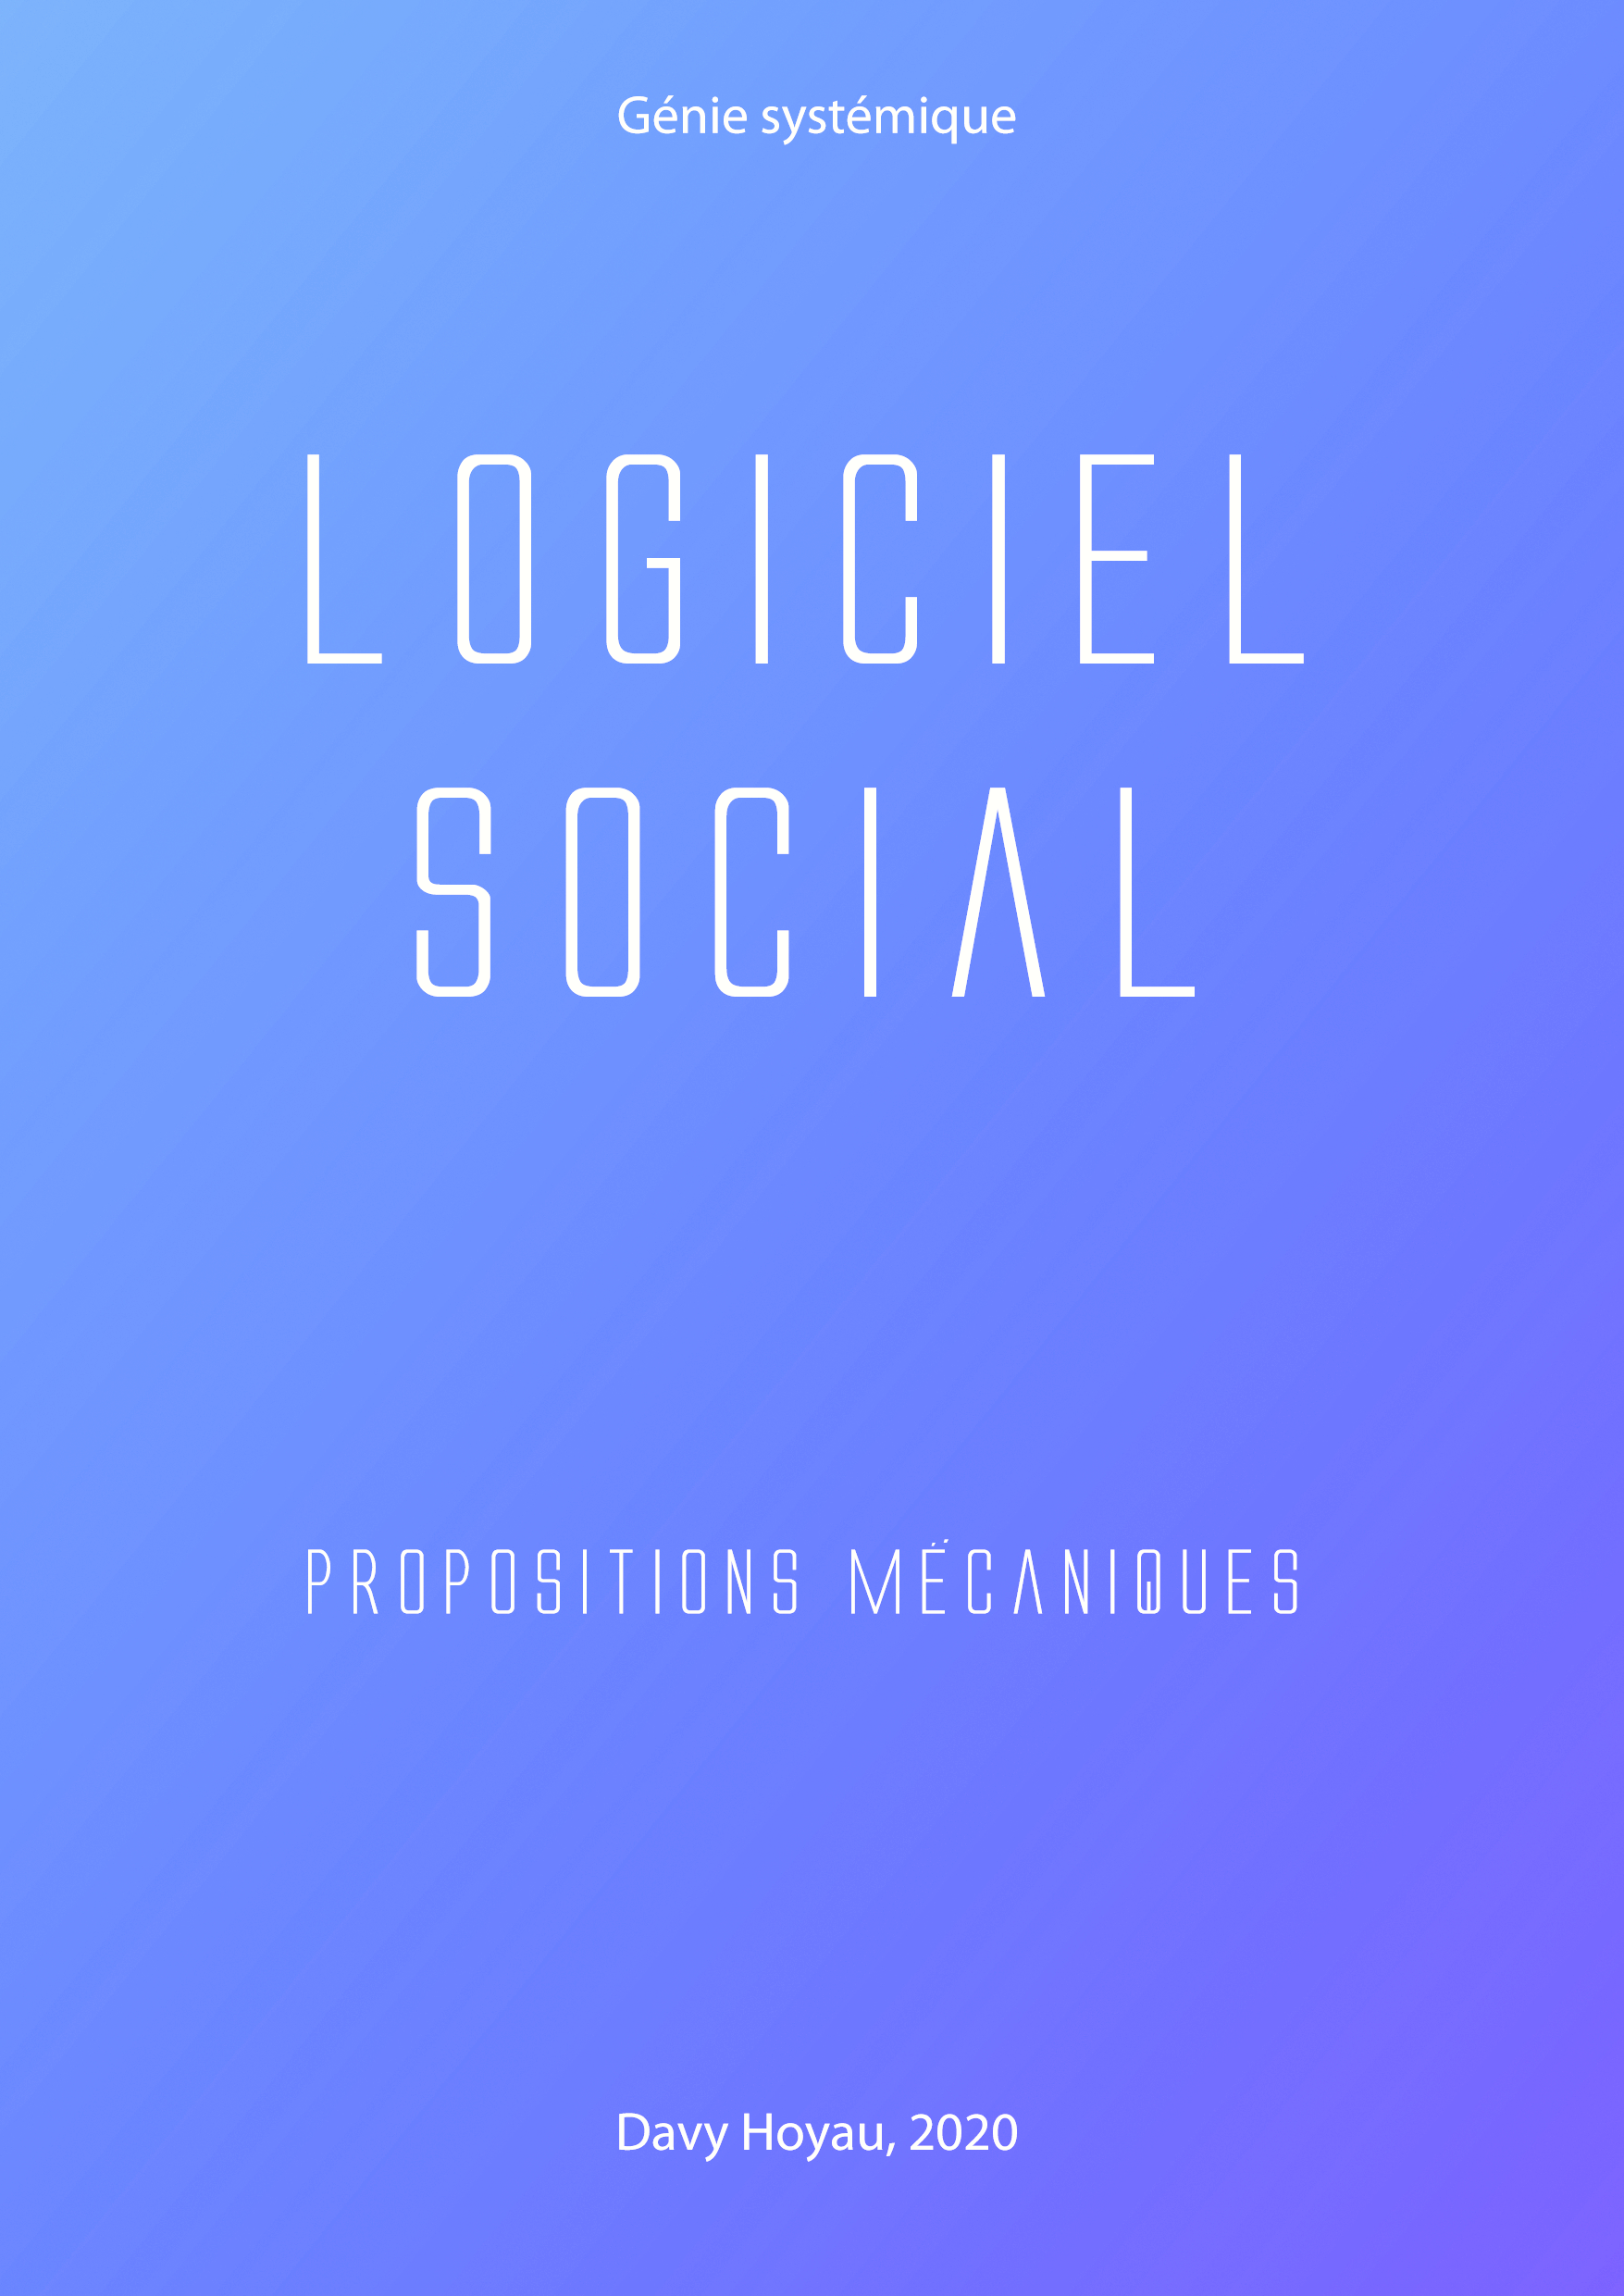 Logiciel social